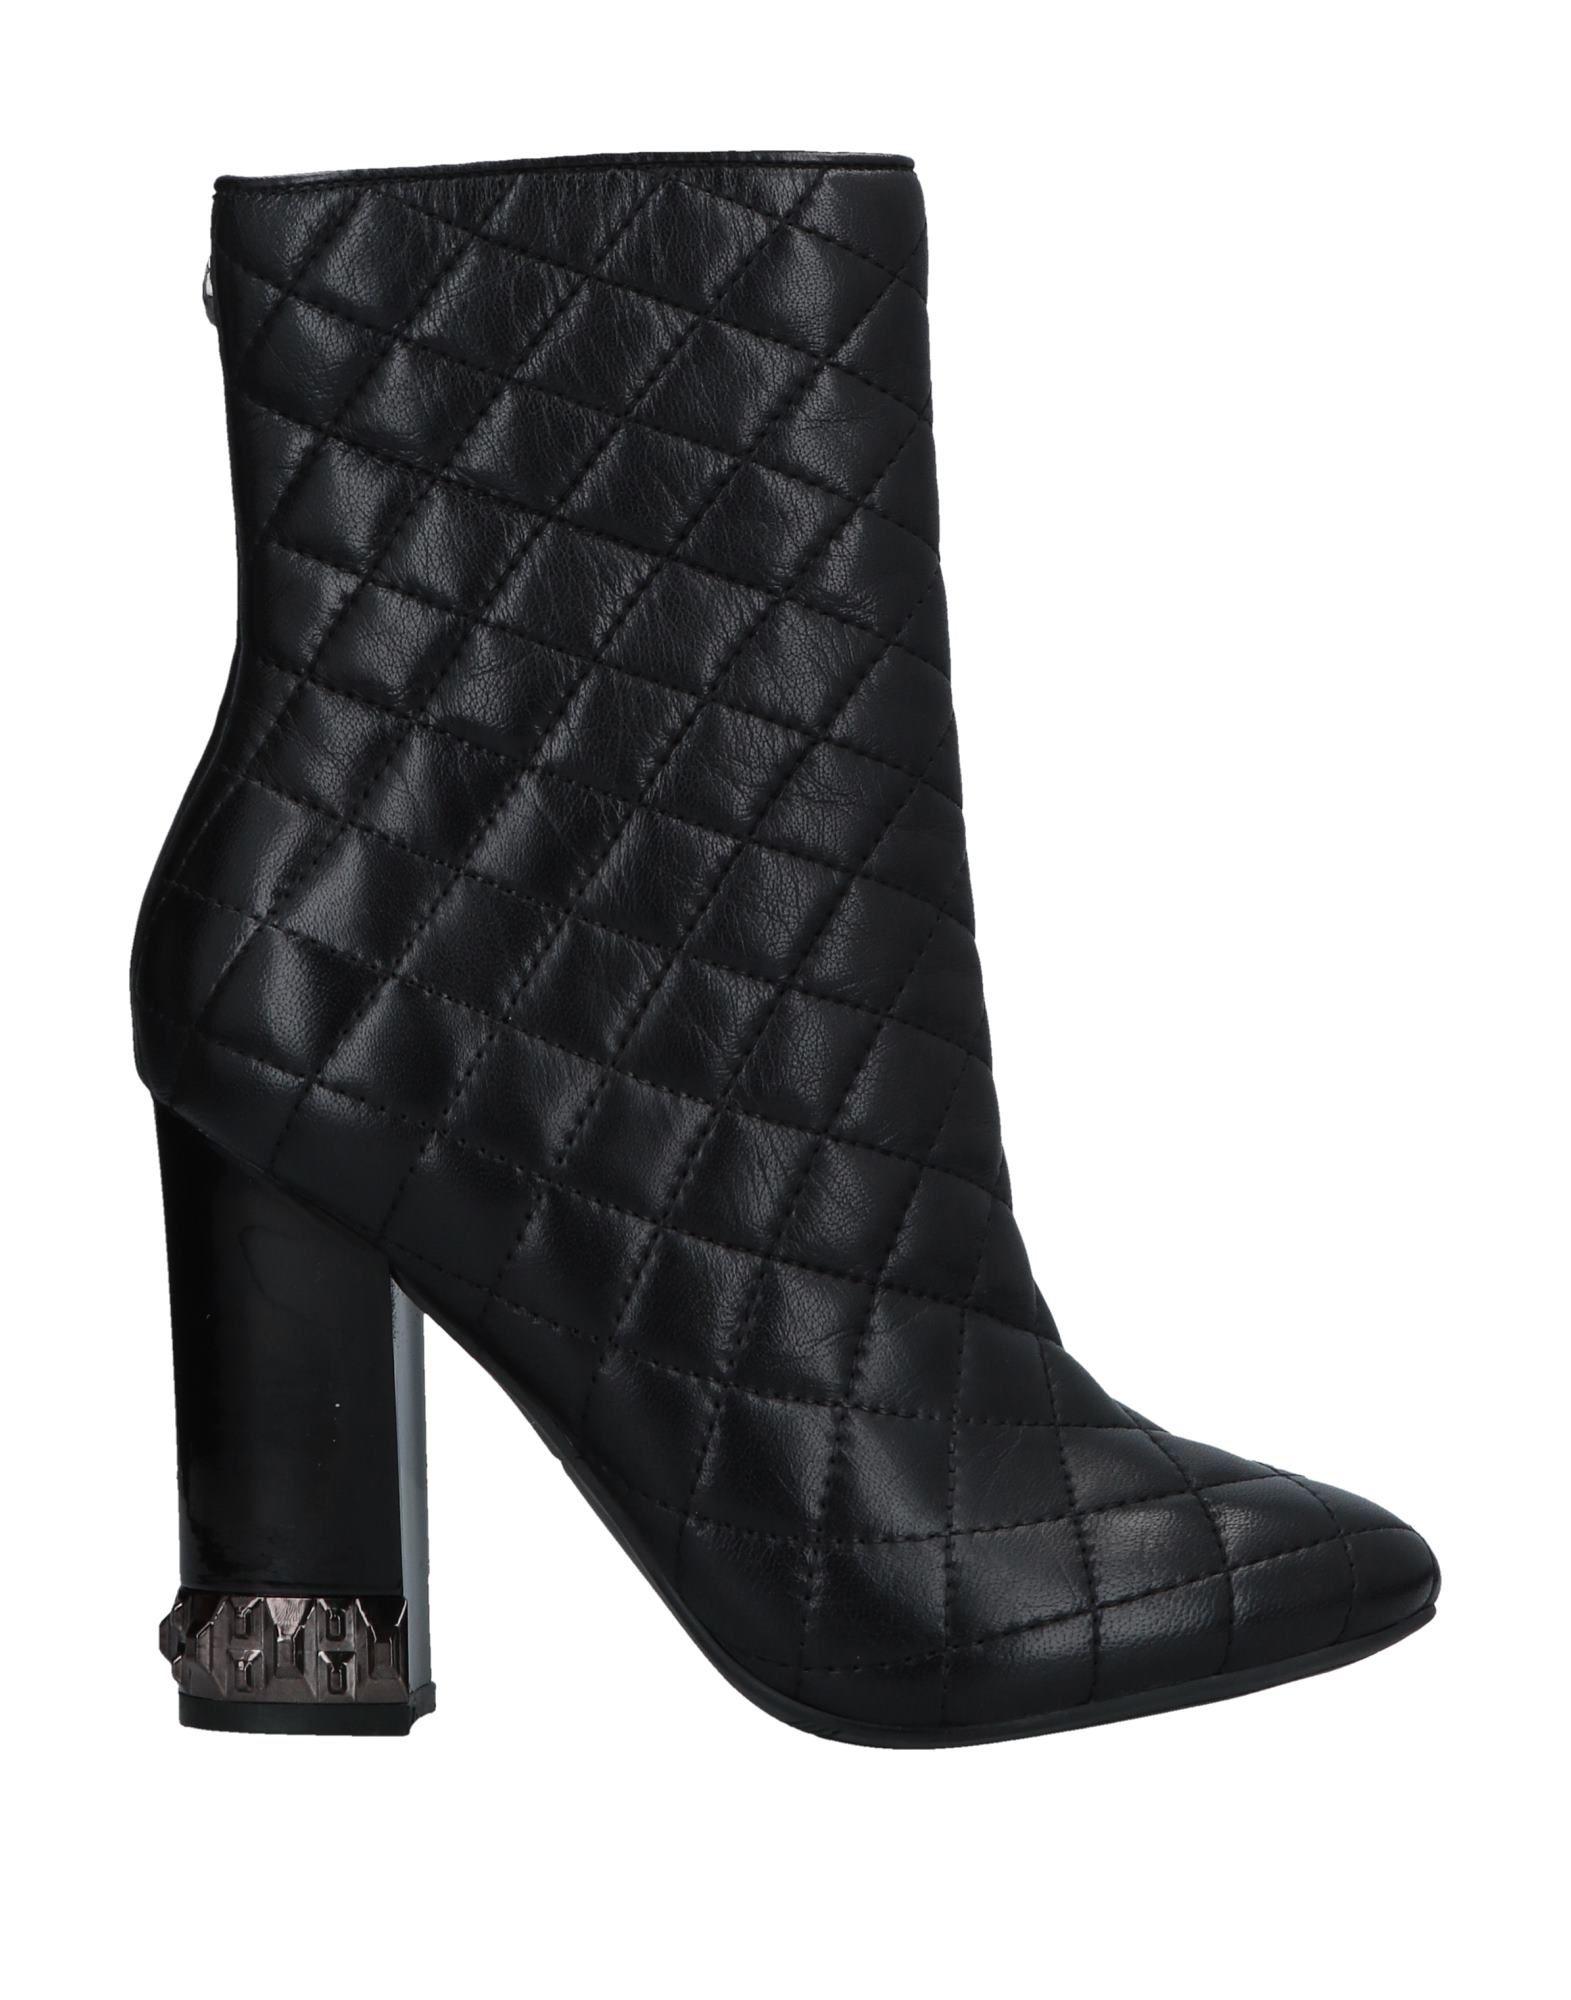 Stivaletti Guess donna - 11699868WW 11699868WW  präsentiert die neuesten High Street Fashion